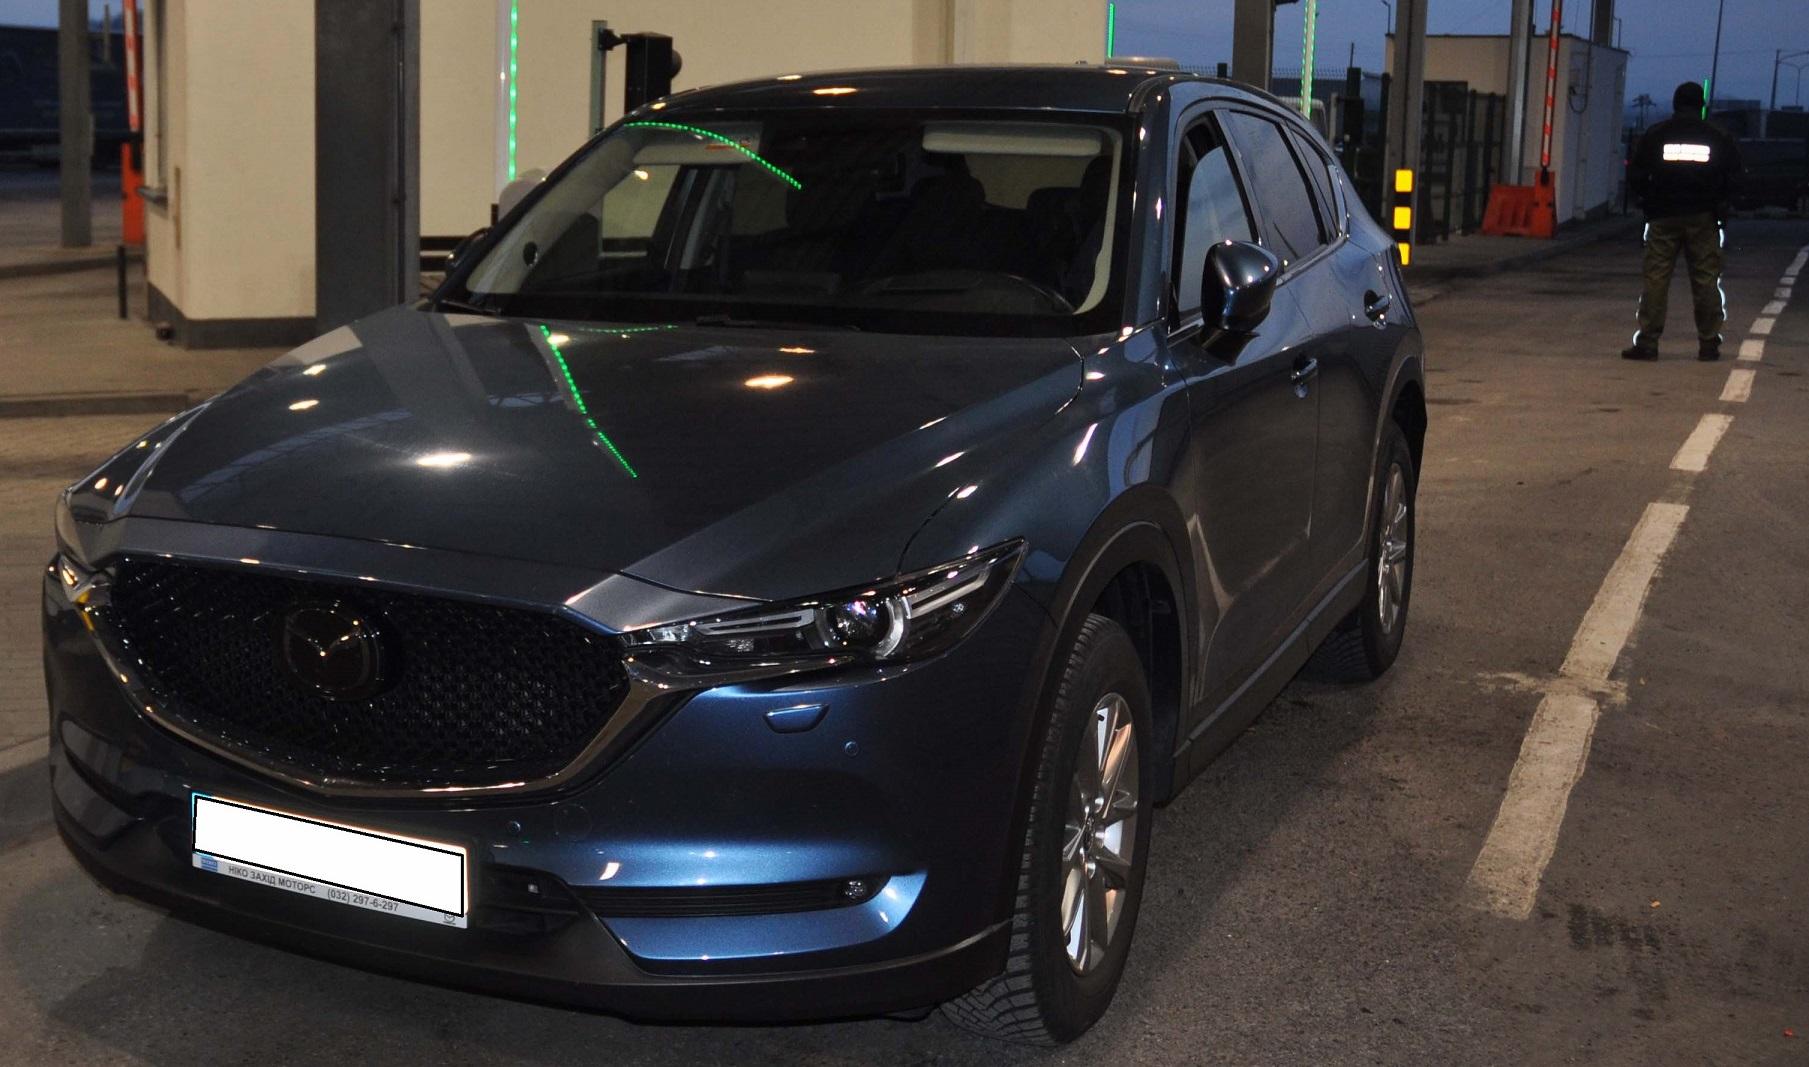 Nieudana kradzież samochodu za 100 tys. złotych - Zdjęcie główne